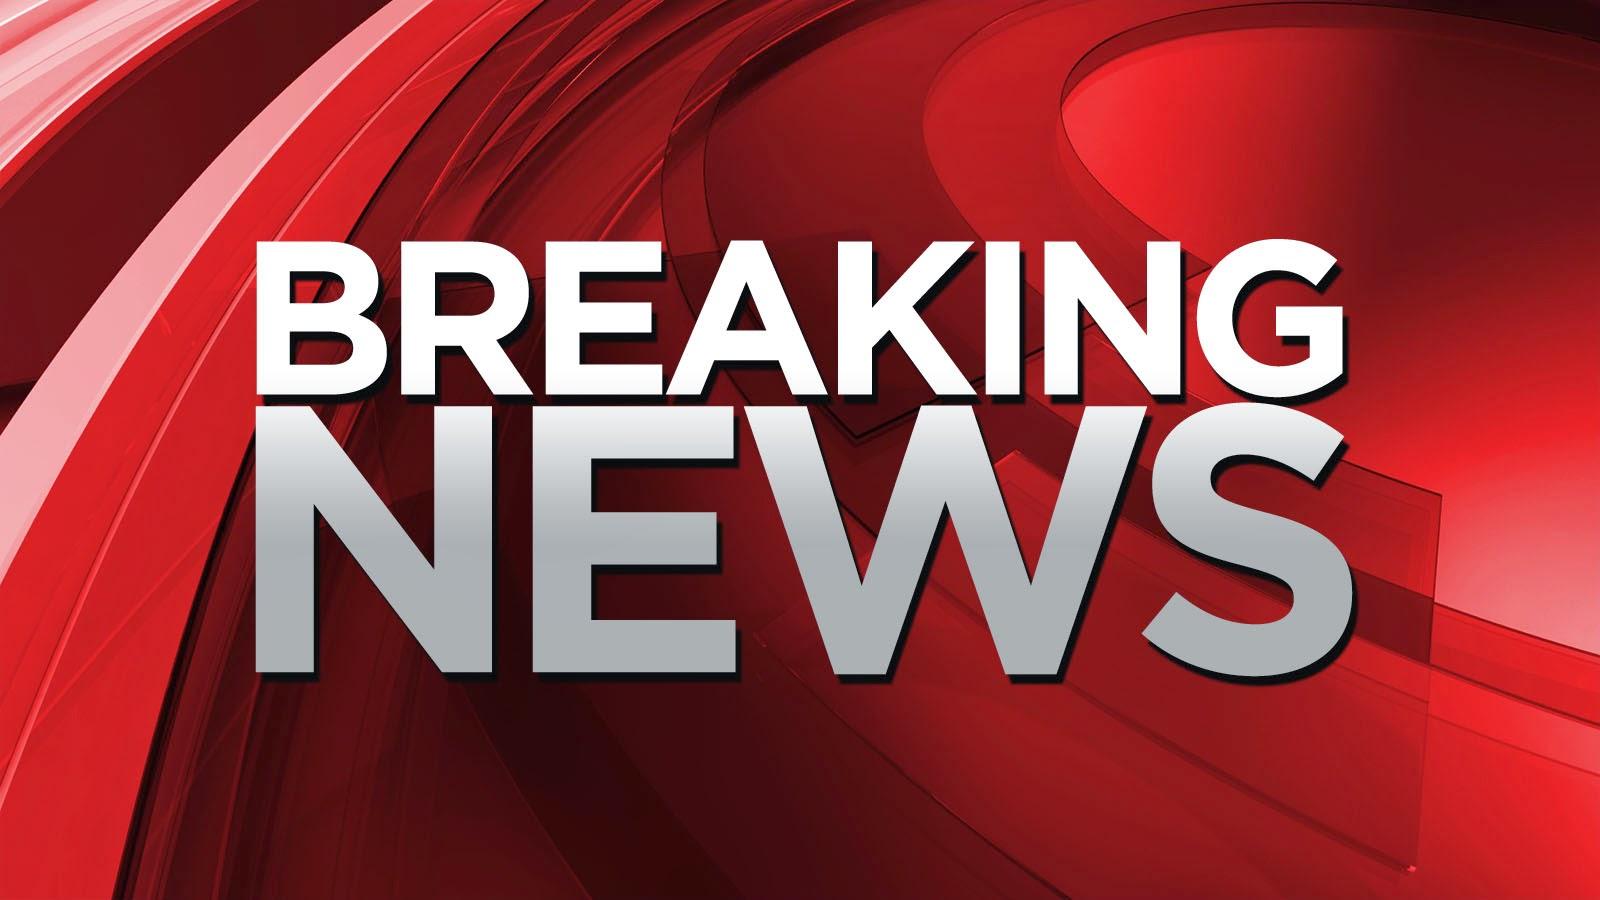 قلق كبير بعد إعلان نيوزيلندا عن إصابة عامل في مطار أوكلاند بفيروس كورونا